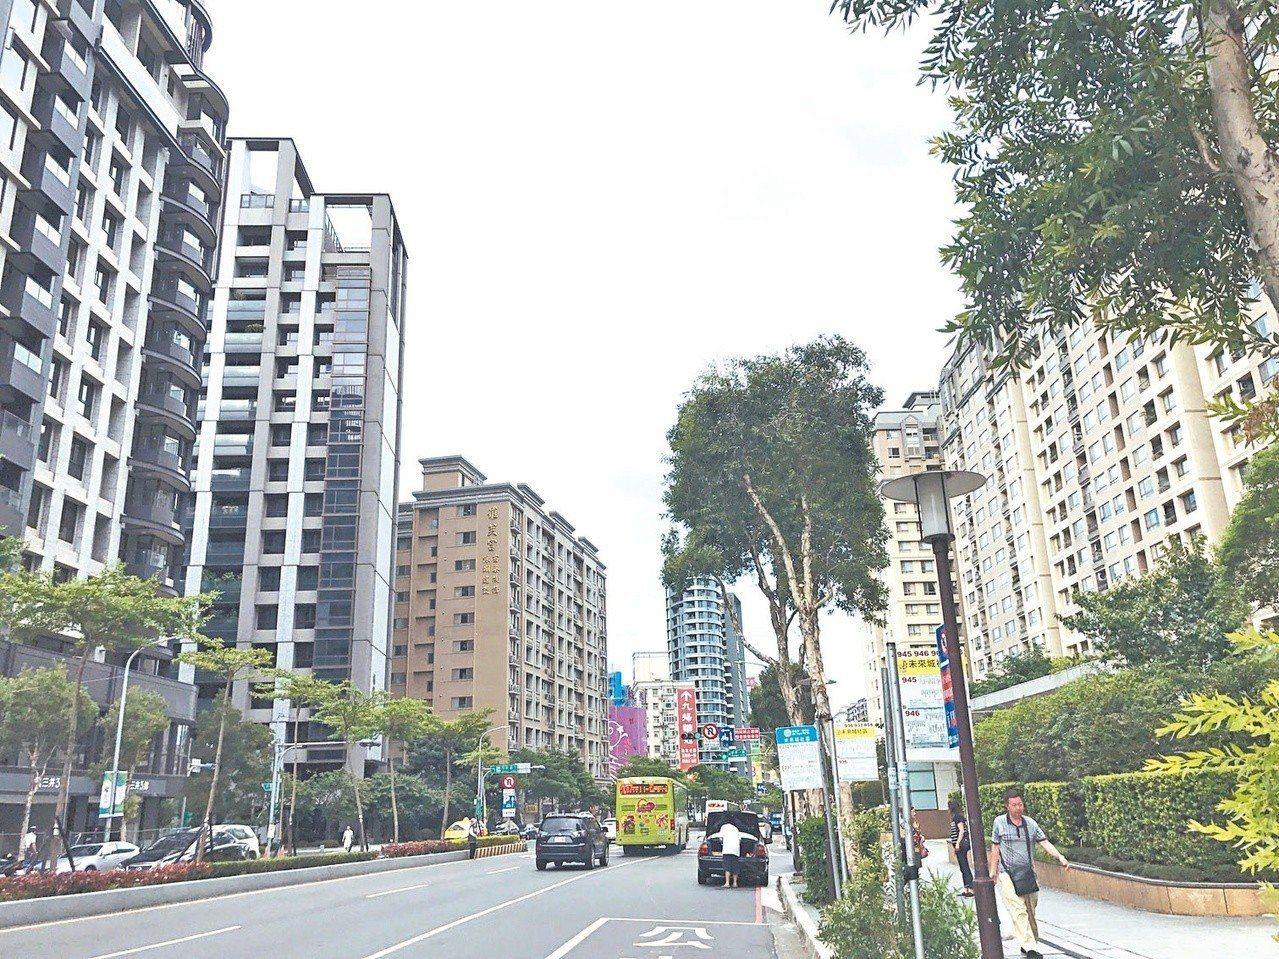 房仲建議,有意購屋的民眾可多參考區域的超值路段,從中選擇適合自己的區位及生活圈。...